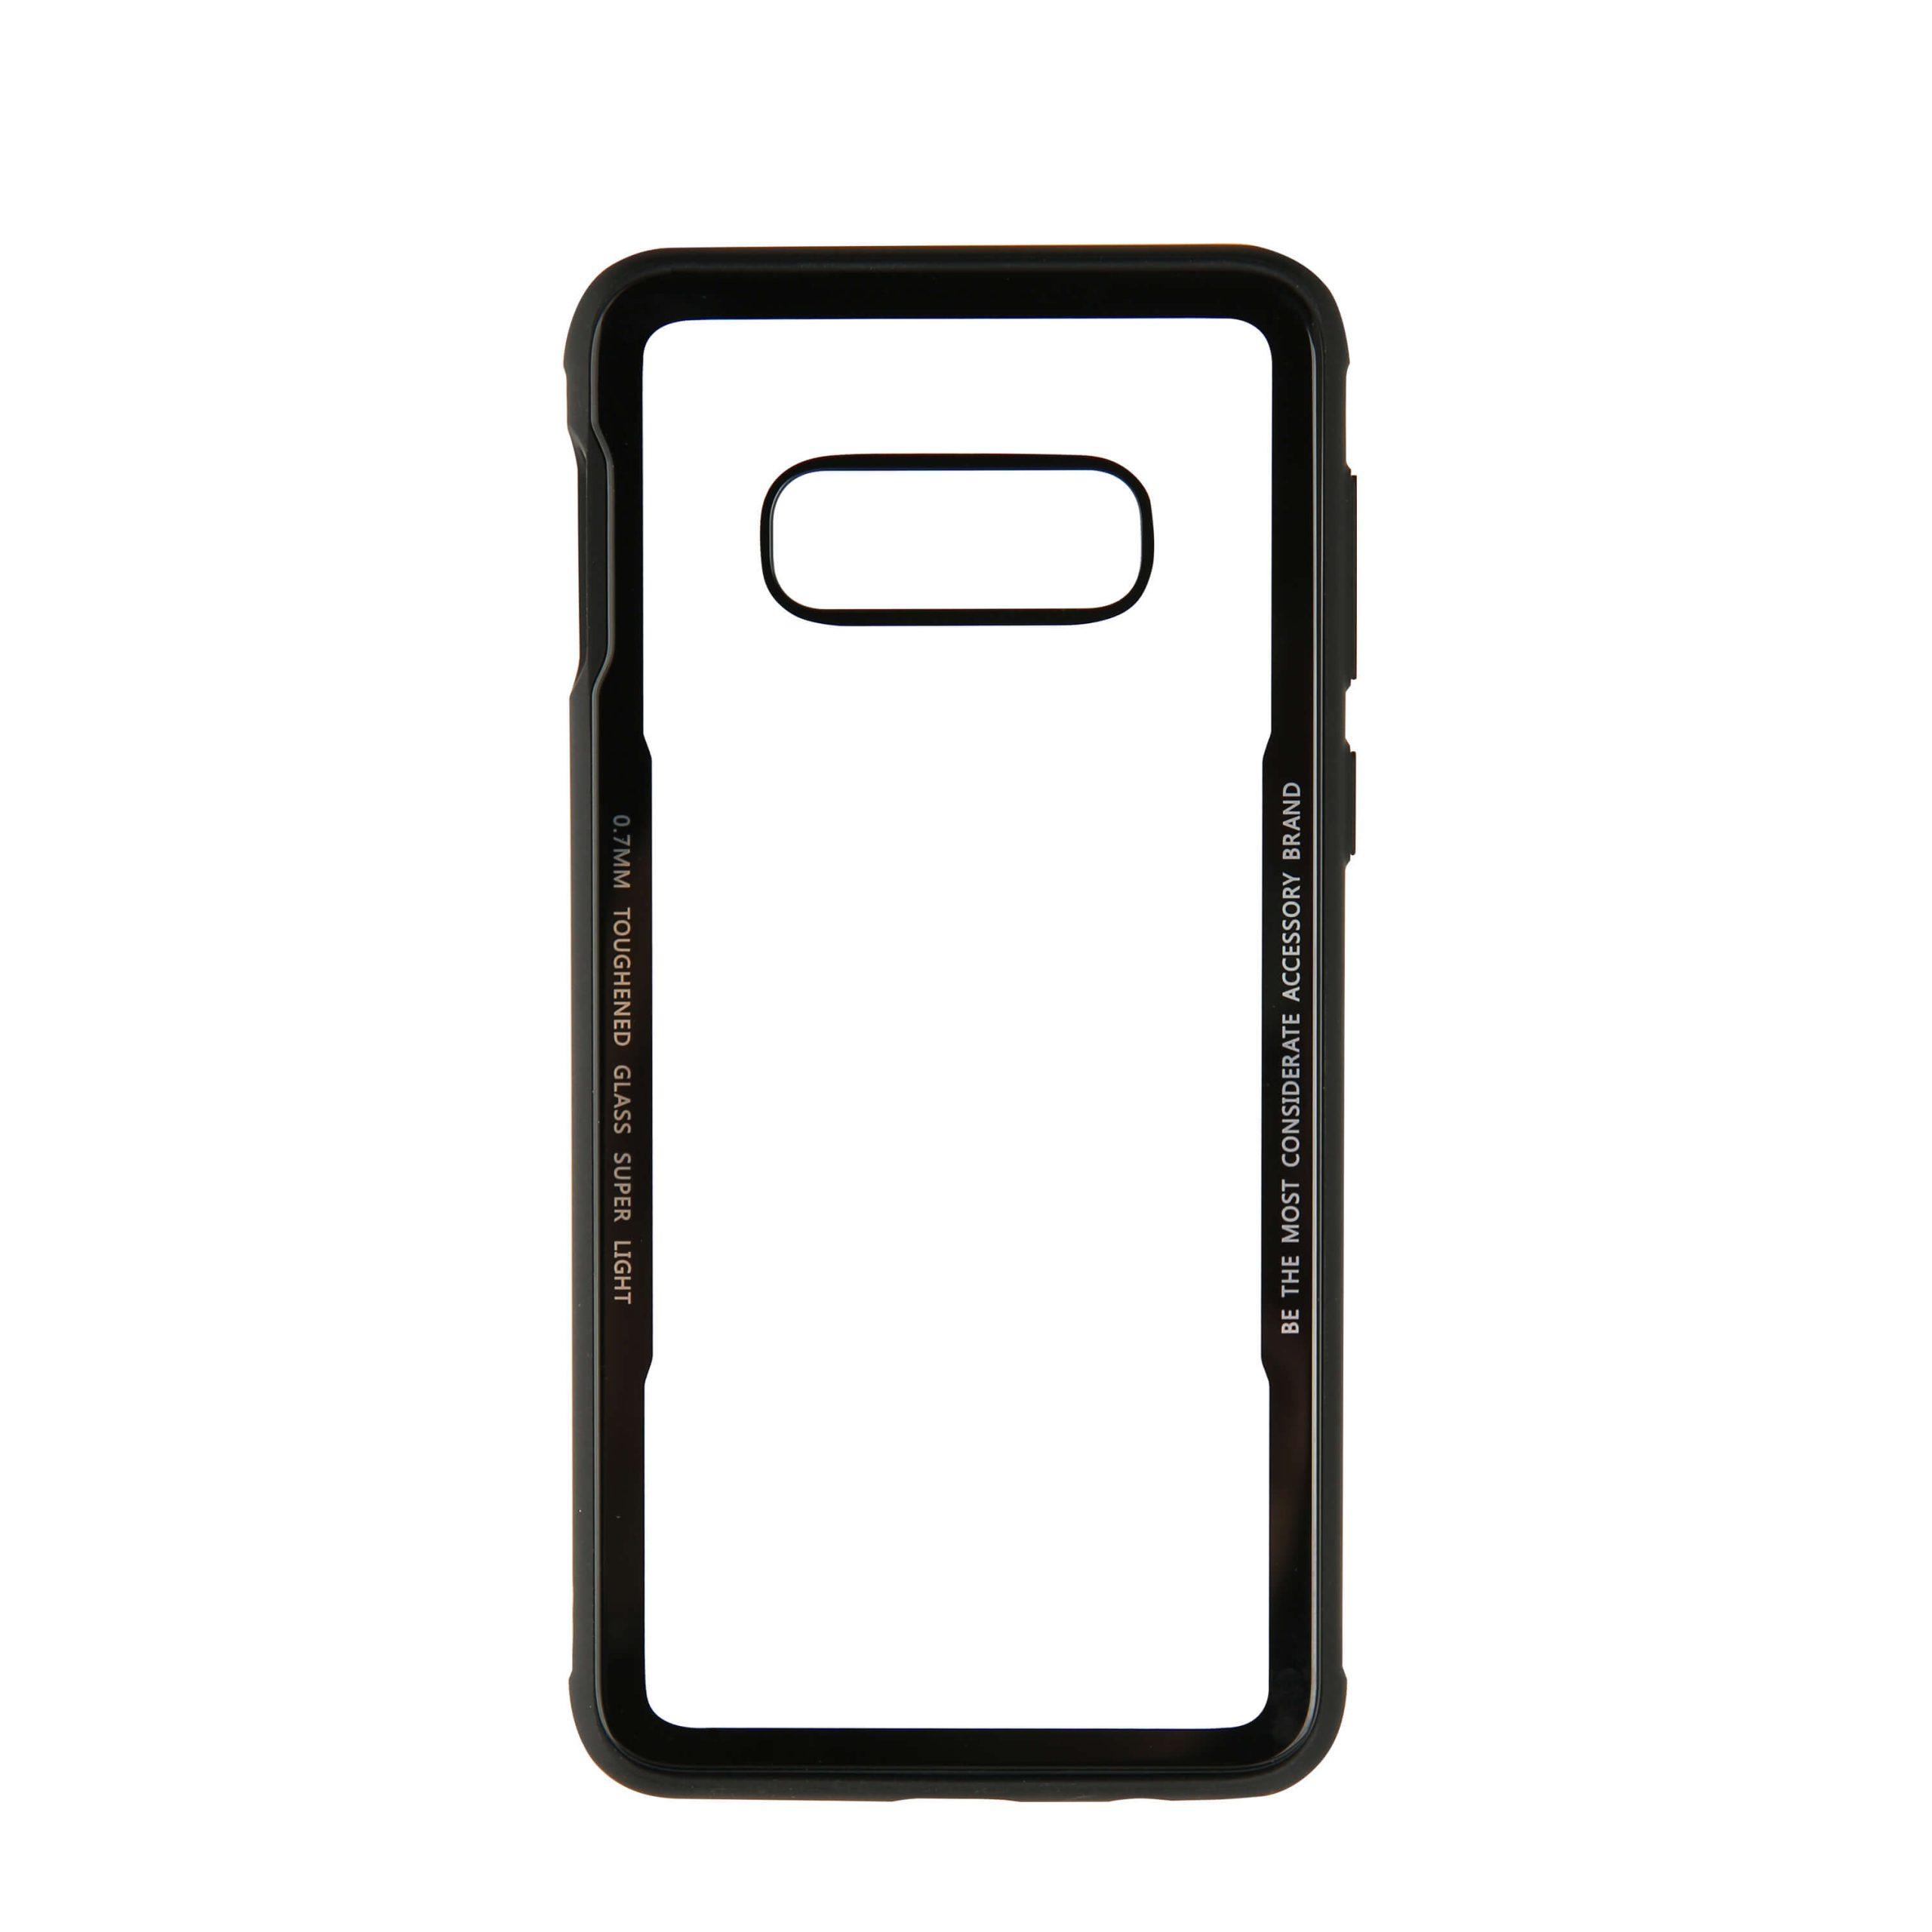 GEAR Mobilskal med Tempererat Glas Svart Samsung S10e